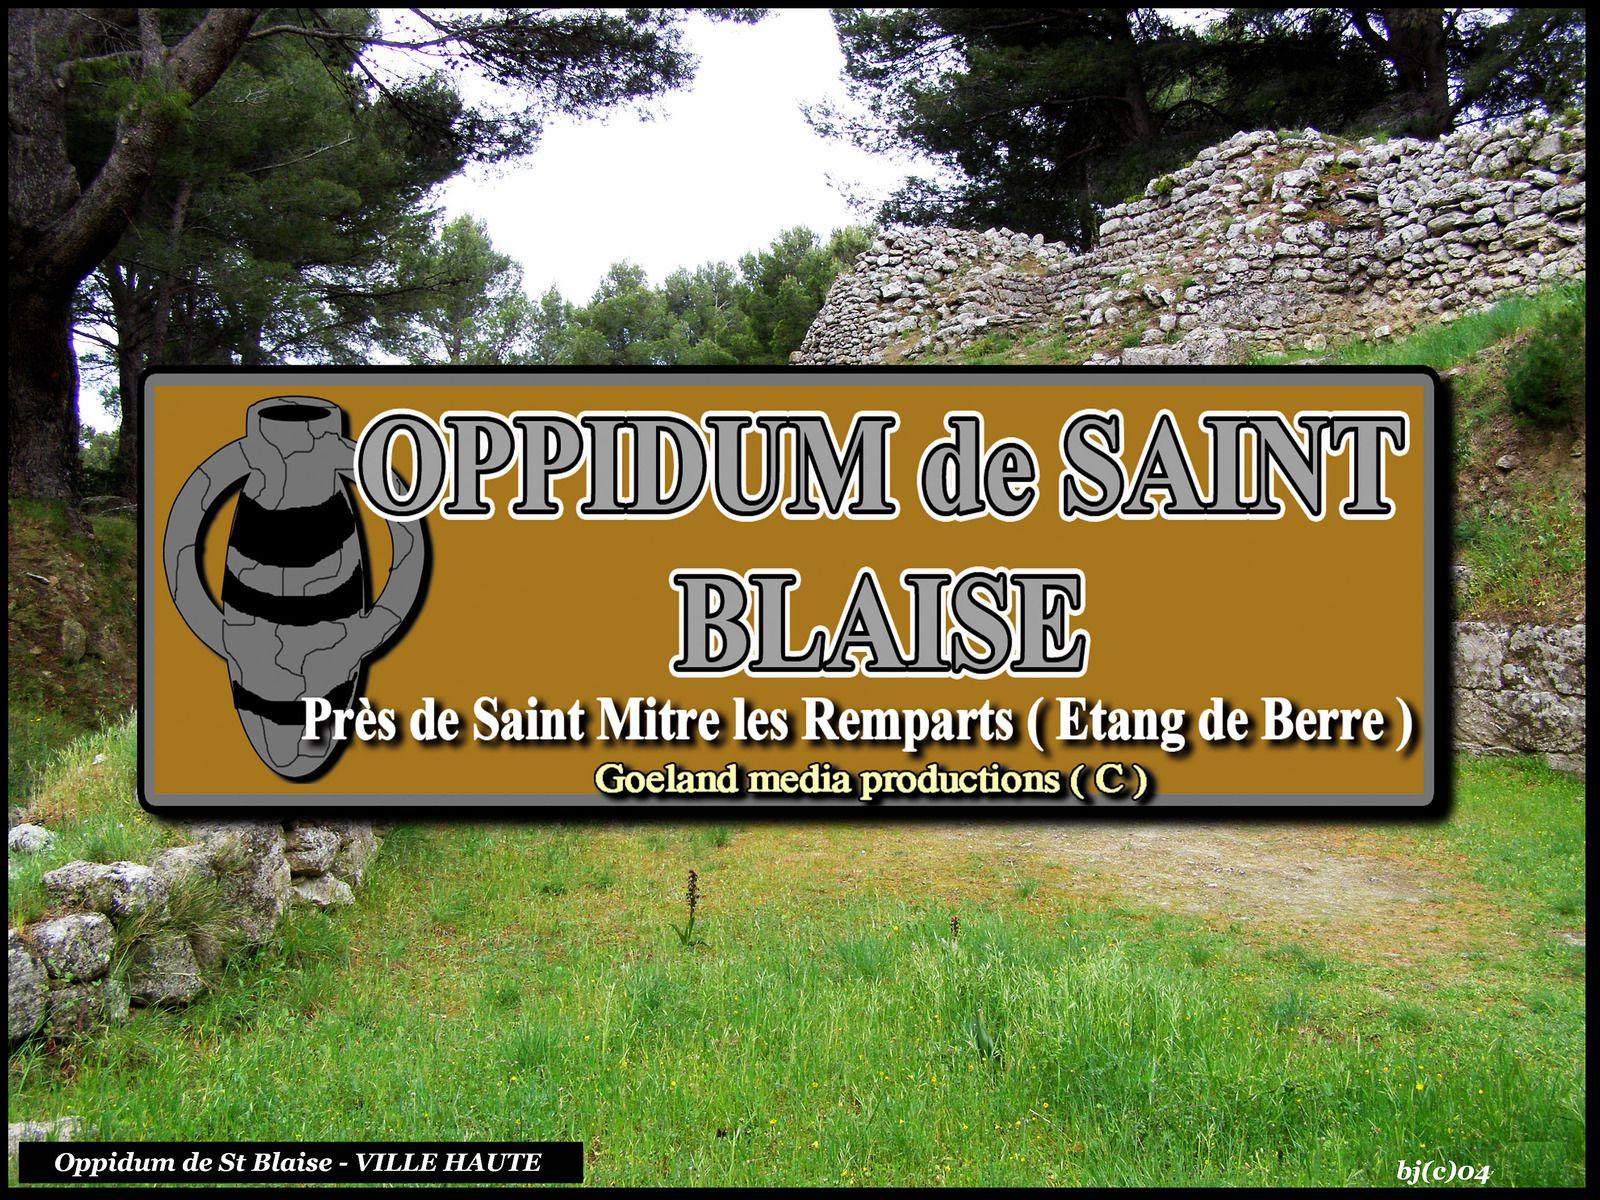 FLORE de St BLAISE - Les CISTES - près de St Mitre les REmparts - BERRE l'ETANG - goelandmedia.prod@gmail.com (c)